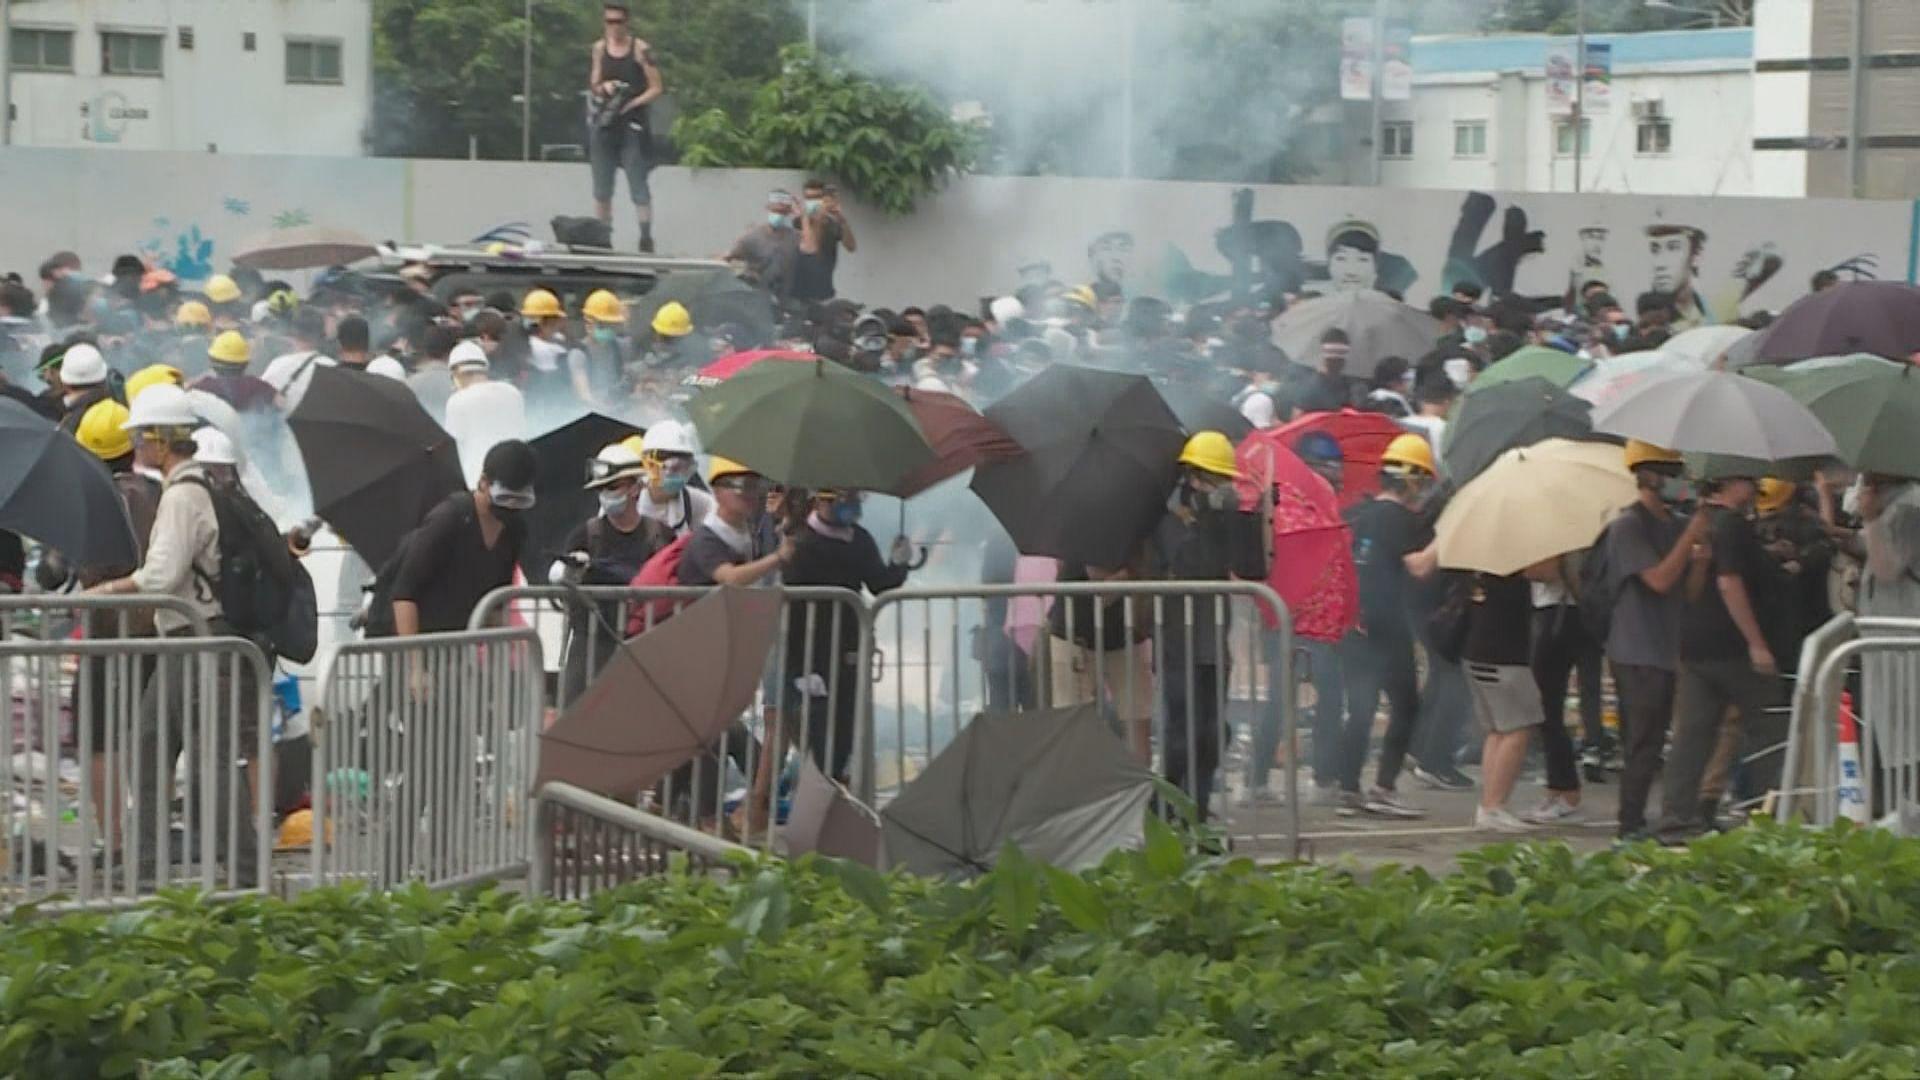 612反修例示威首宗暴動案被告認罪 下周五判刑